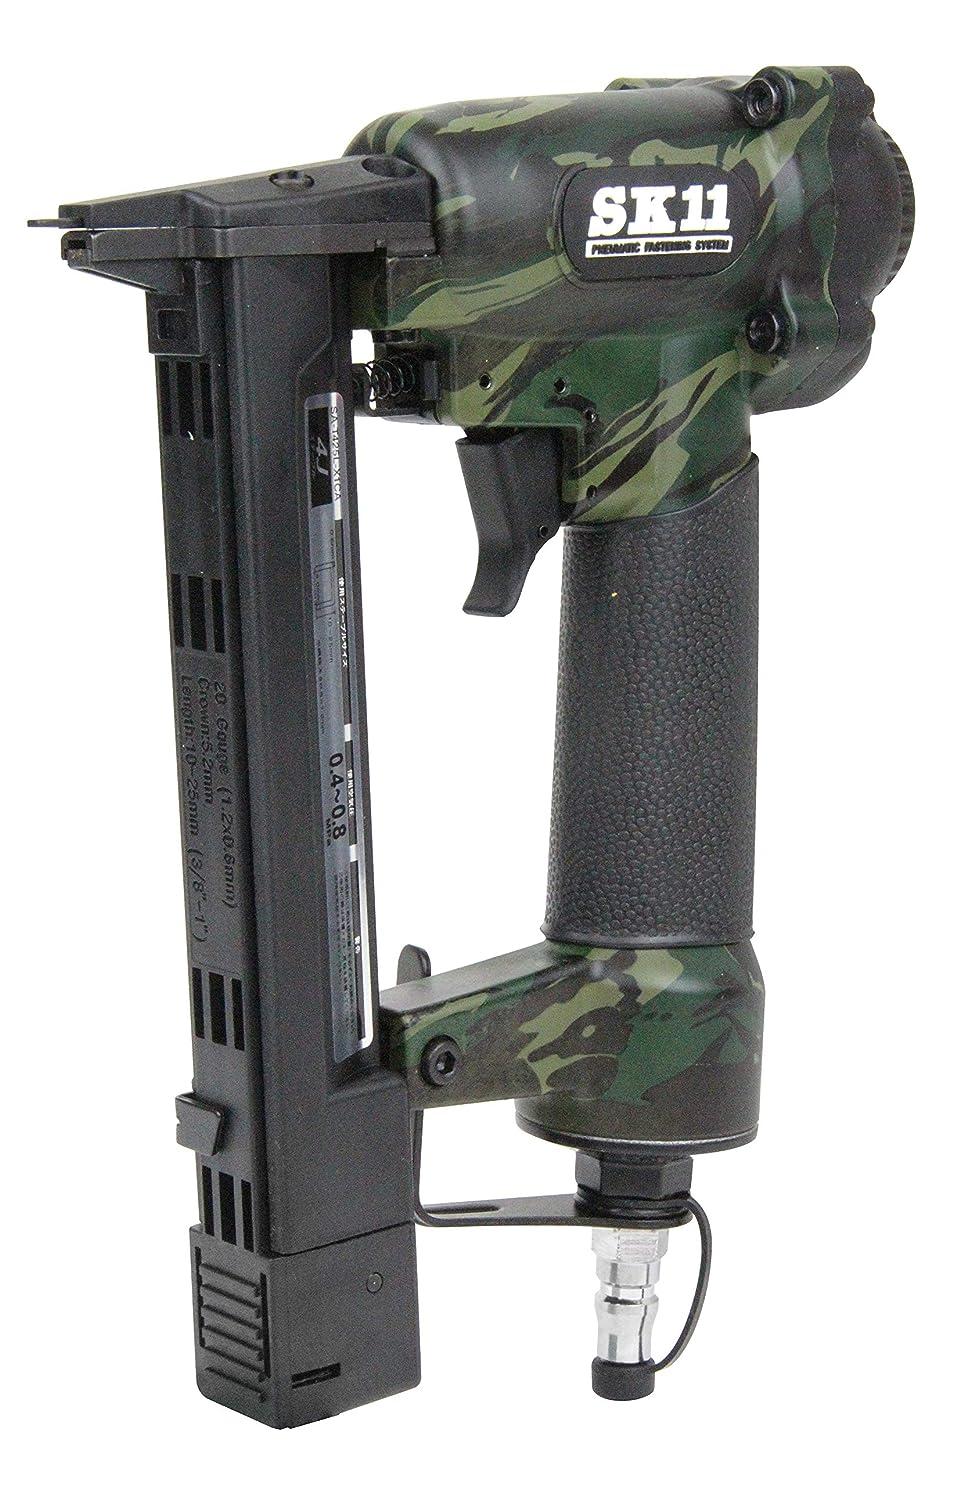 ドキュメンタリー毒スリッパSK11(エスケー11) エアタッカー 肩幅4mm 足長10~25mm SA-T425L-X1CA 4Jステープル用 迷彩柄 1年保証付き